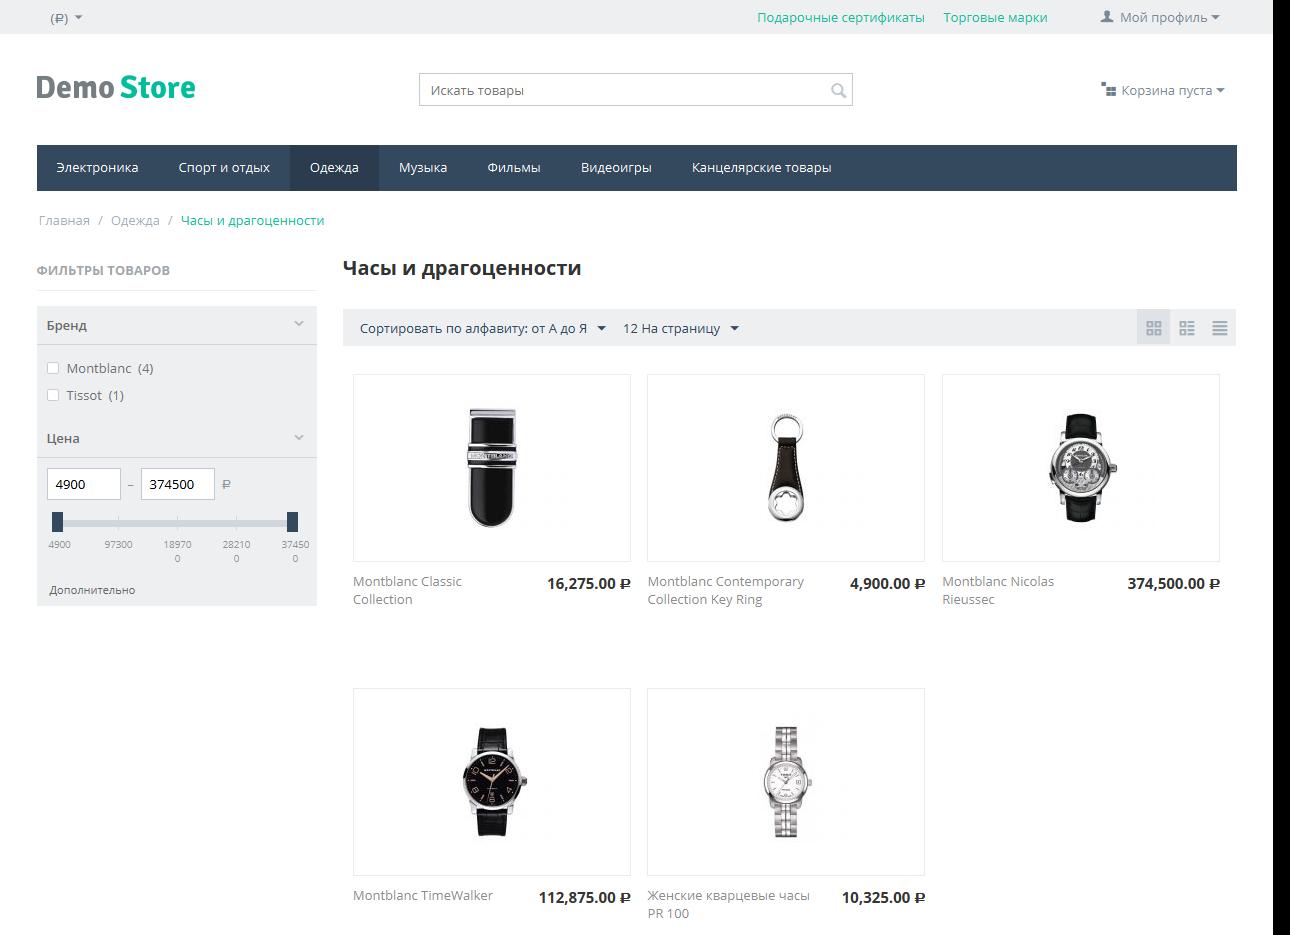 Яндекс.Деньги и Simtech запустили облачный конструктор интернет магазинов на базе CS Cart